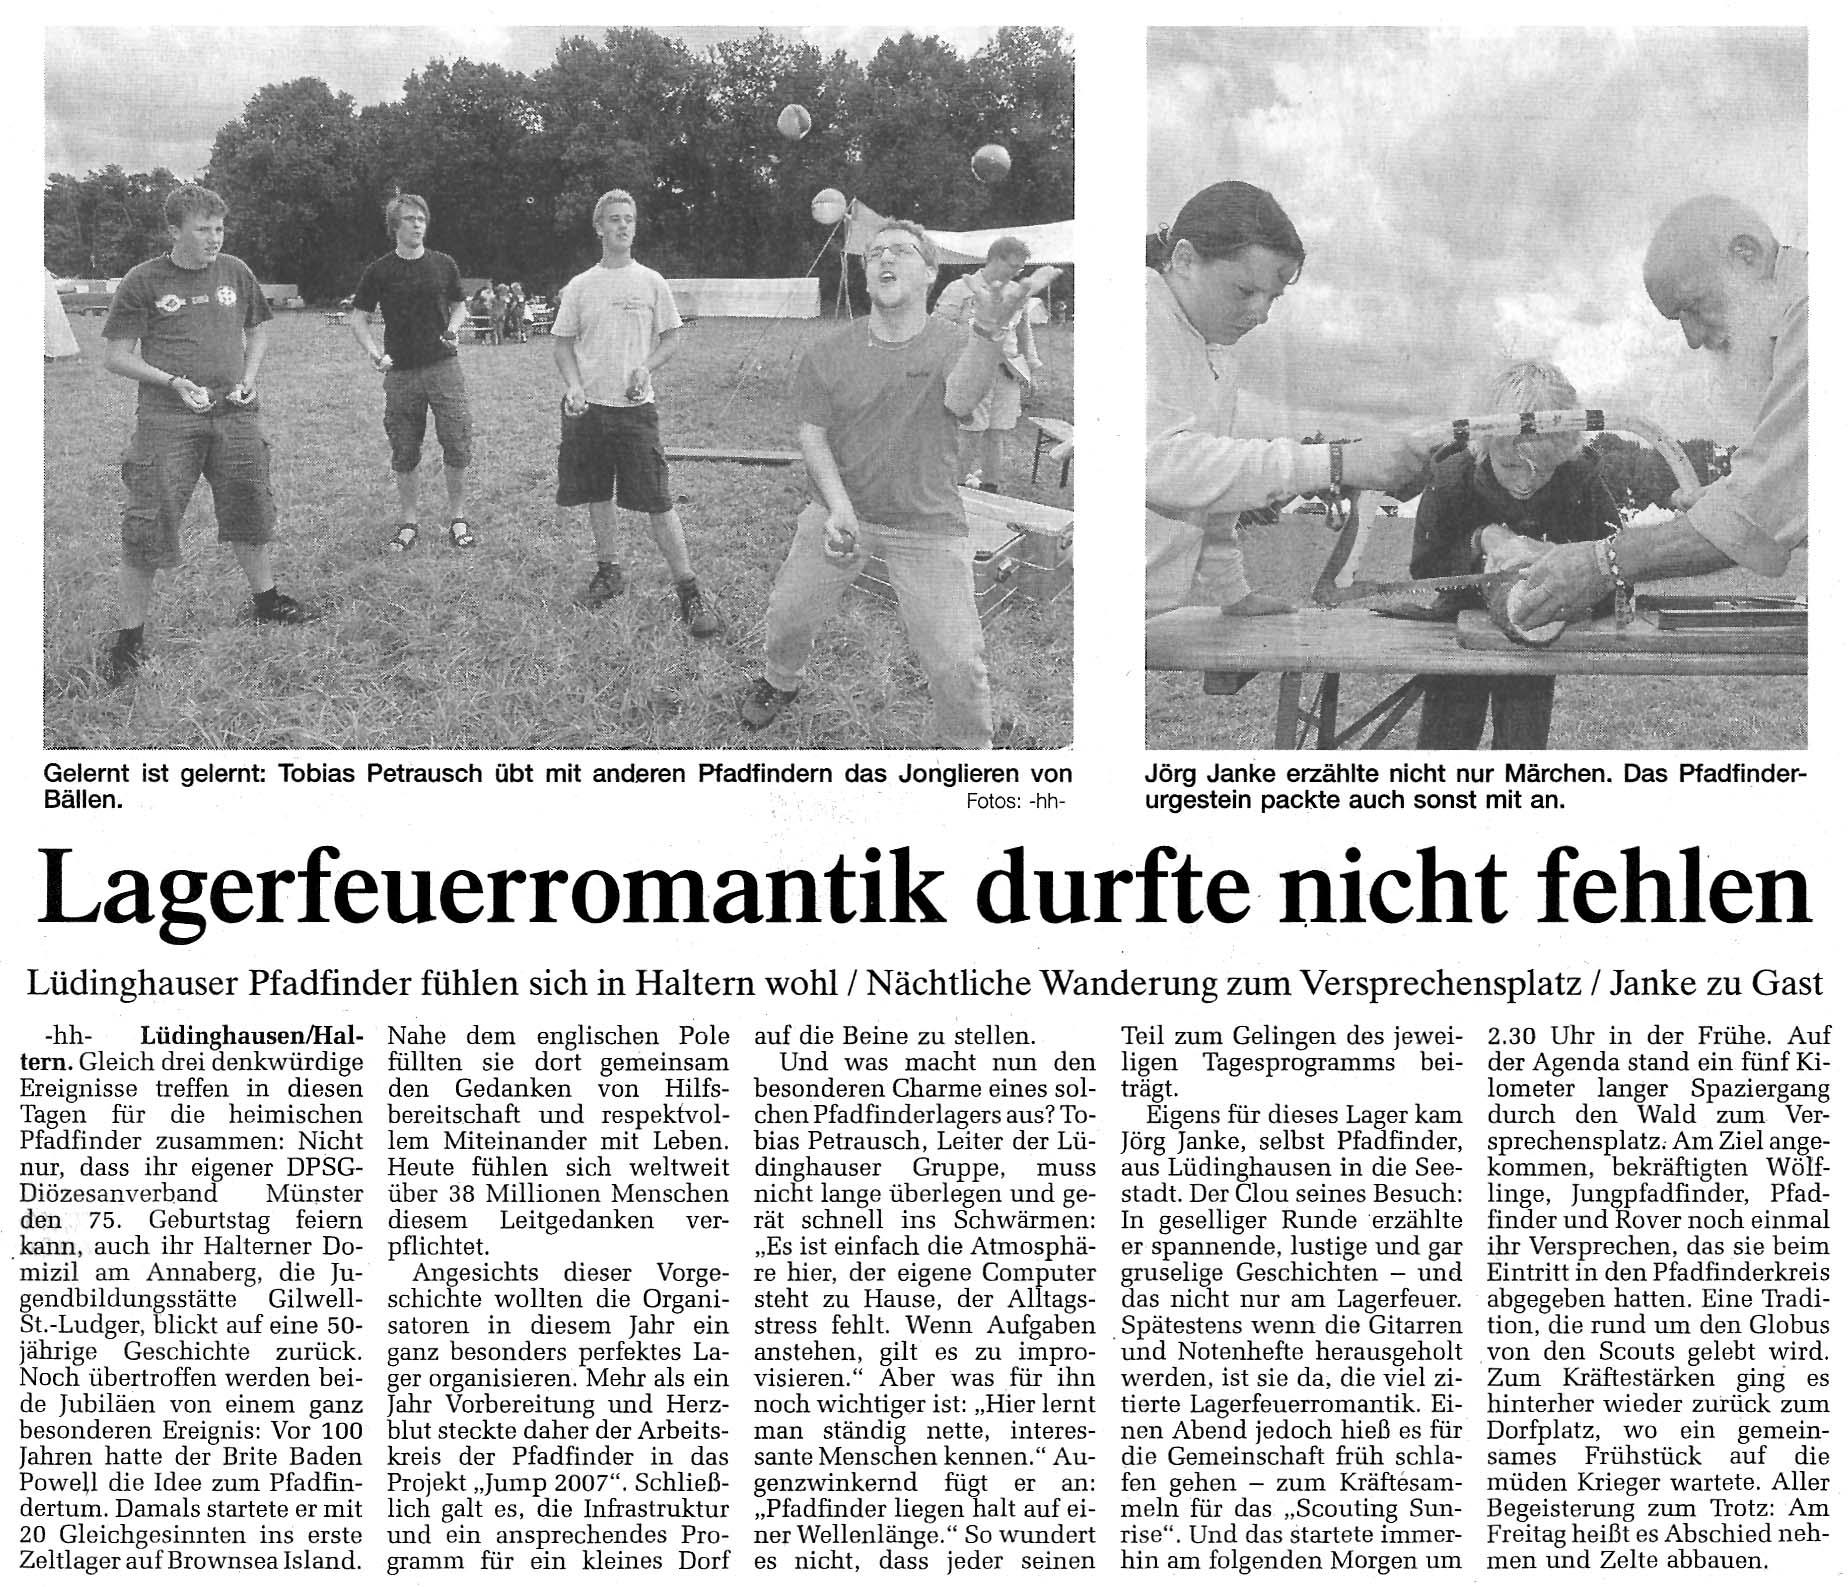 Zeitungsartikel Lagerfeuerromantik durfte nicht fehlen, WN 2.8.2007